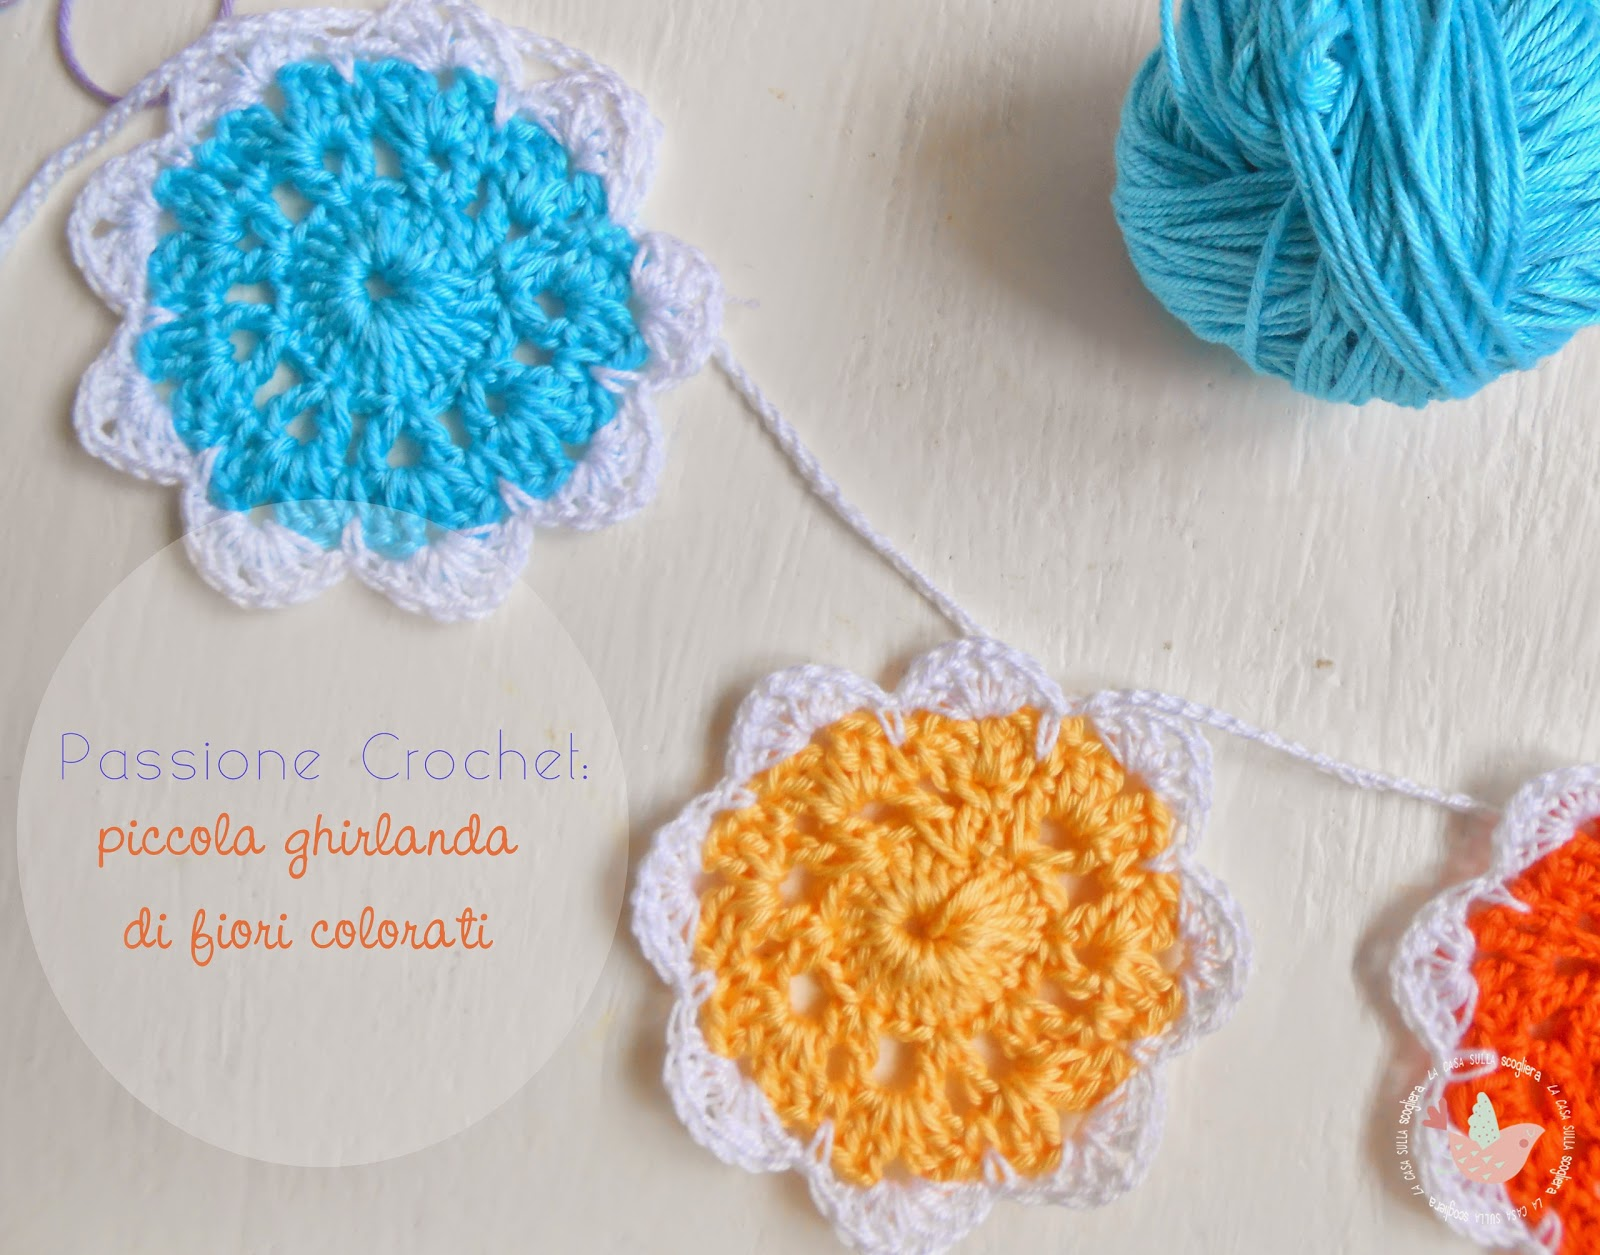 Passione Crochet: piccola ghirlanda di fiori colorati - Facciamo entrare un po' di primavera in casa? questa ghirlanda di fiori a crochet è davvero l'ideale per rendere ogni stanza fiorita e leggiadra...